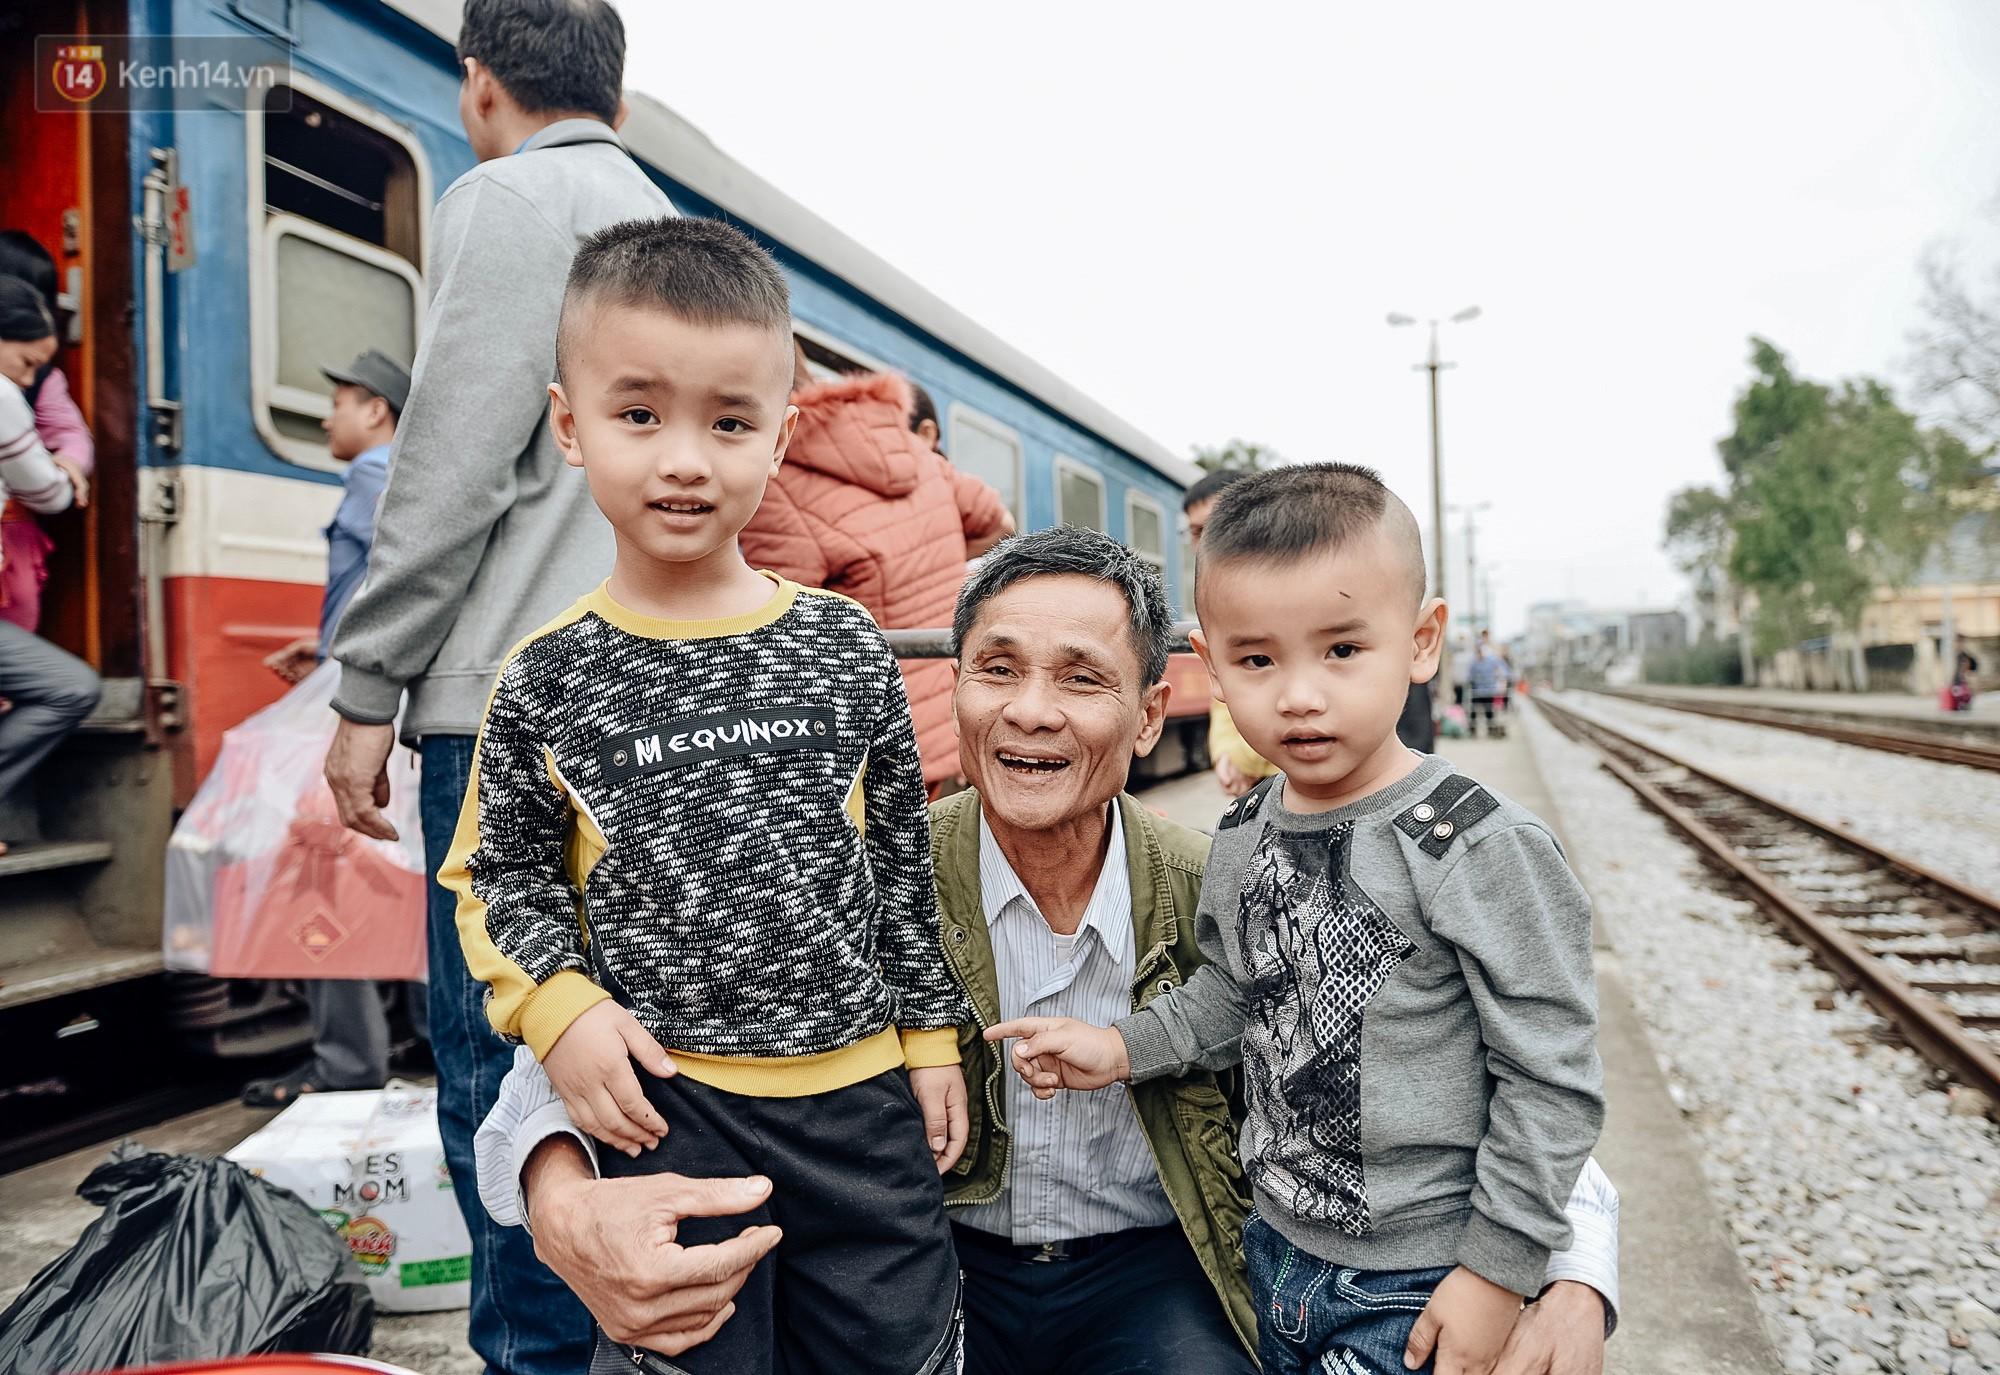 Chuyến tàu mùa xuân chở công nhân nghèo dọc đường đất nước về đến ga Hà Nội và những khoảnh khắc đoàn tụ đầy xúc động - Ảnh 6.